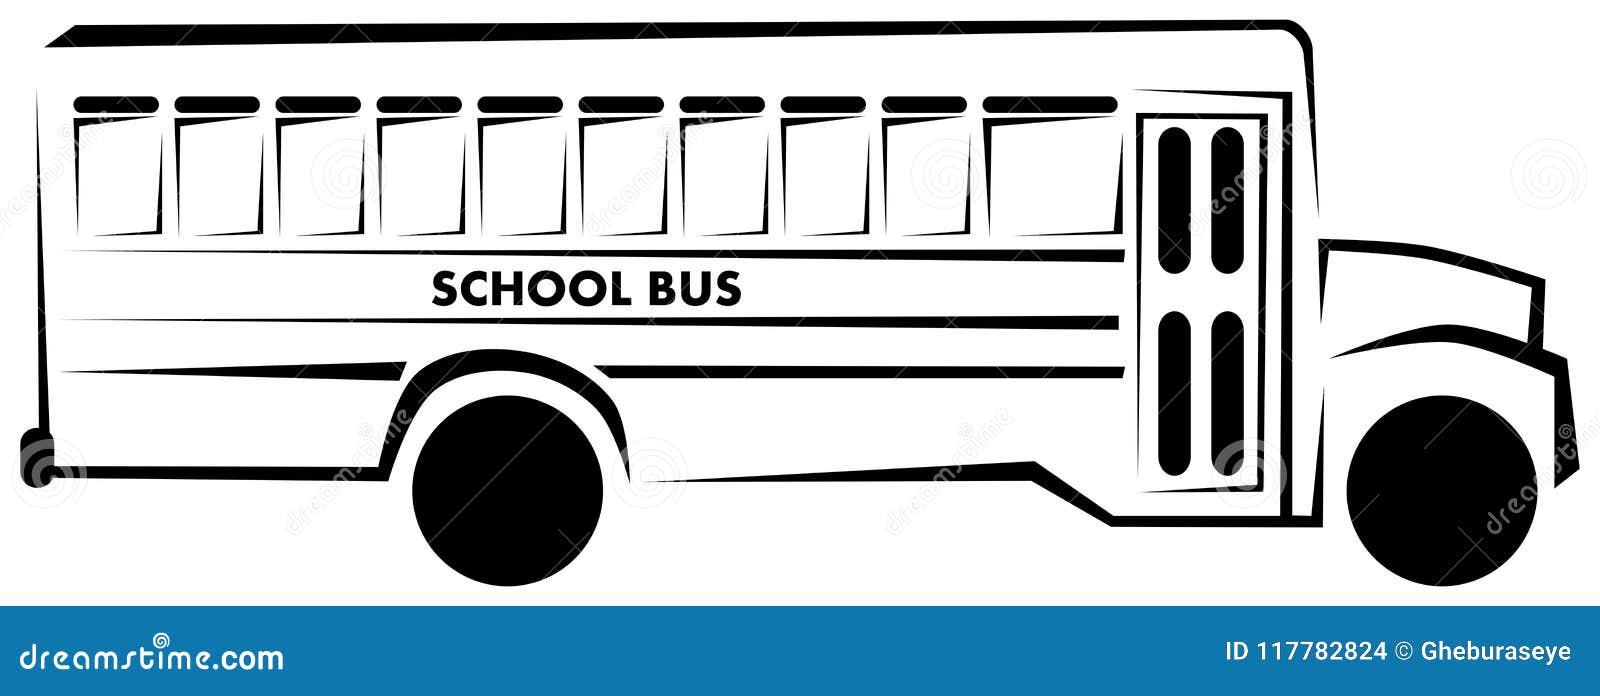 Ônibus escolar estilizado em preto e branco isolado